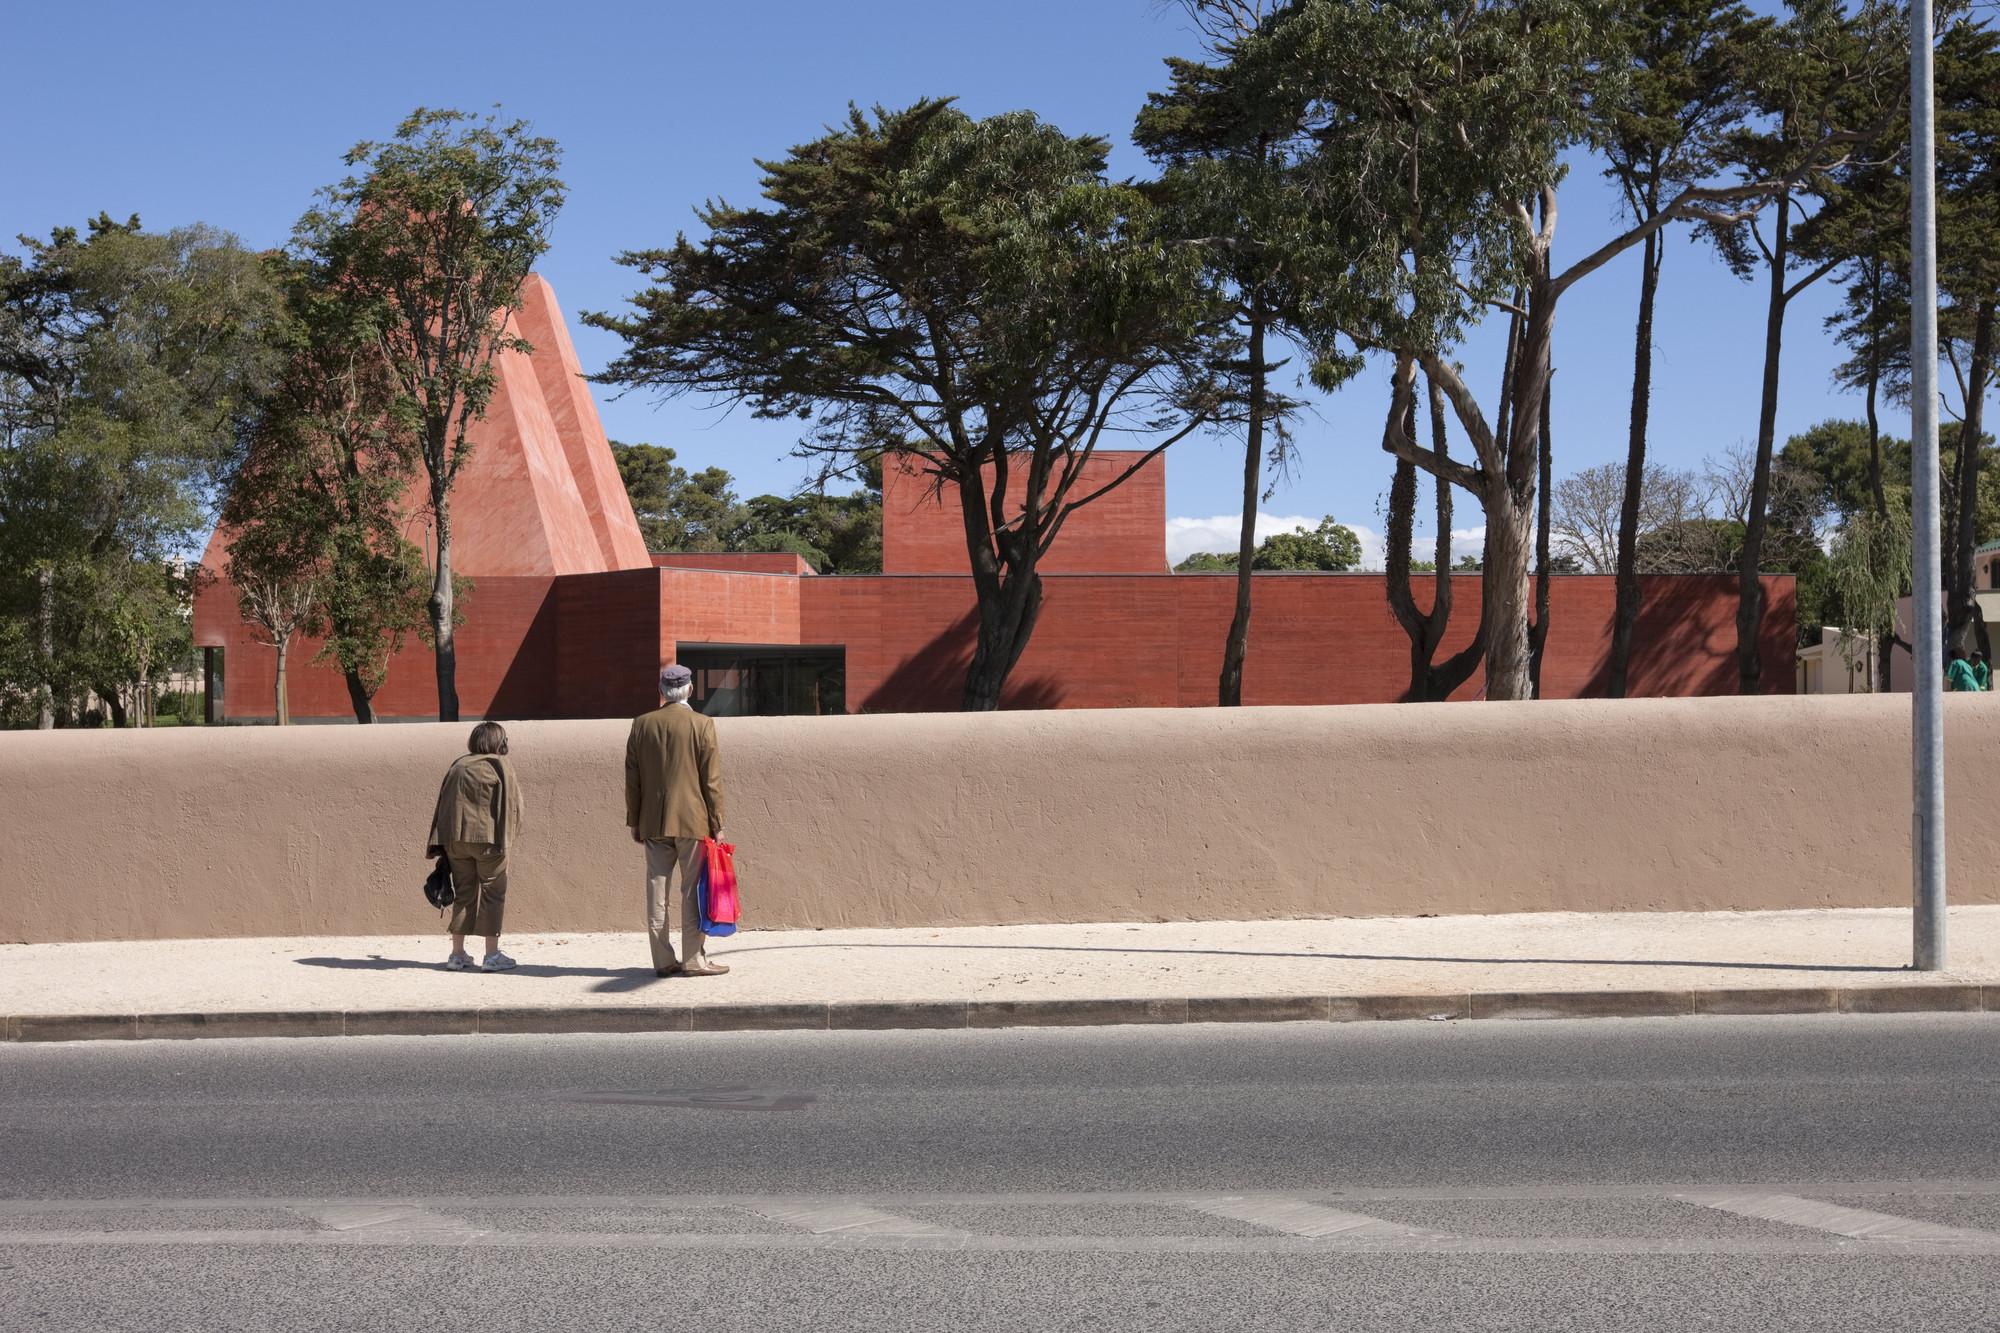 """Fundação Insel Hombroich promove a exposição """"Souto de Moura 1980 – 2015"""", Casa das Histórias – Museu Paula Rego, Cascais, Portugal, 2009. Image © Luis Ferreira Alves, via Stiftung Insel Hombroich"""